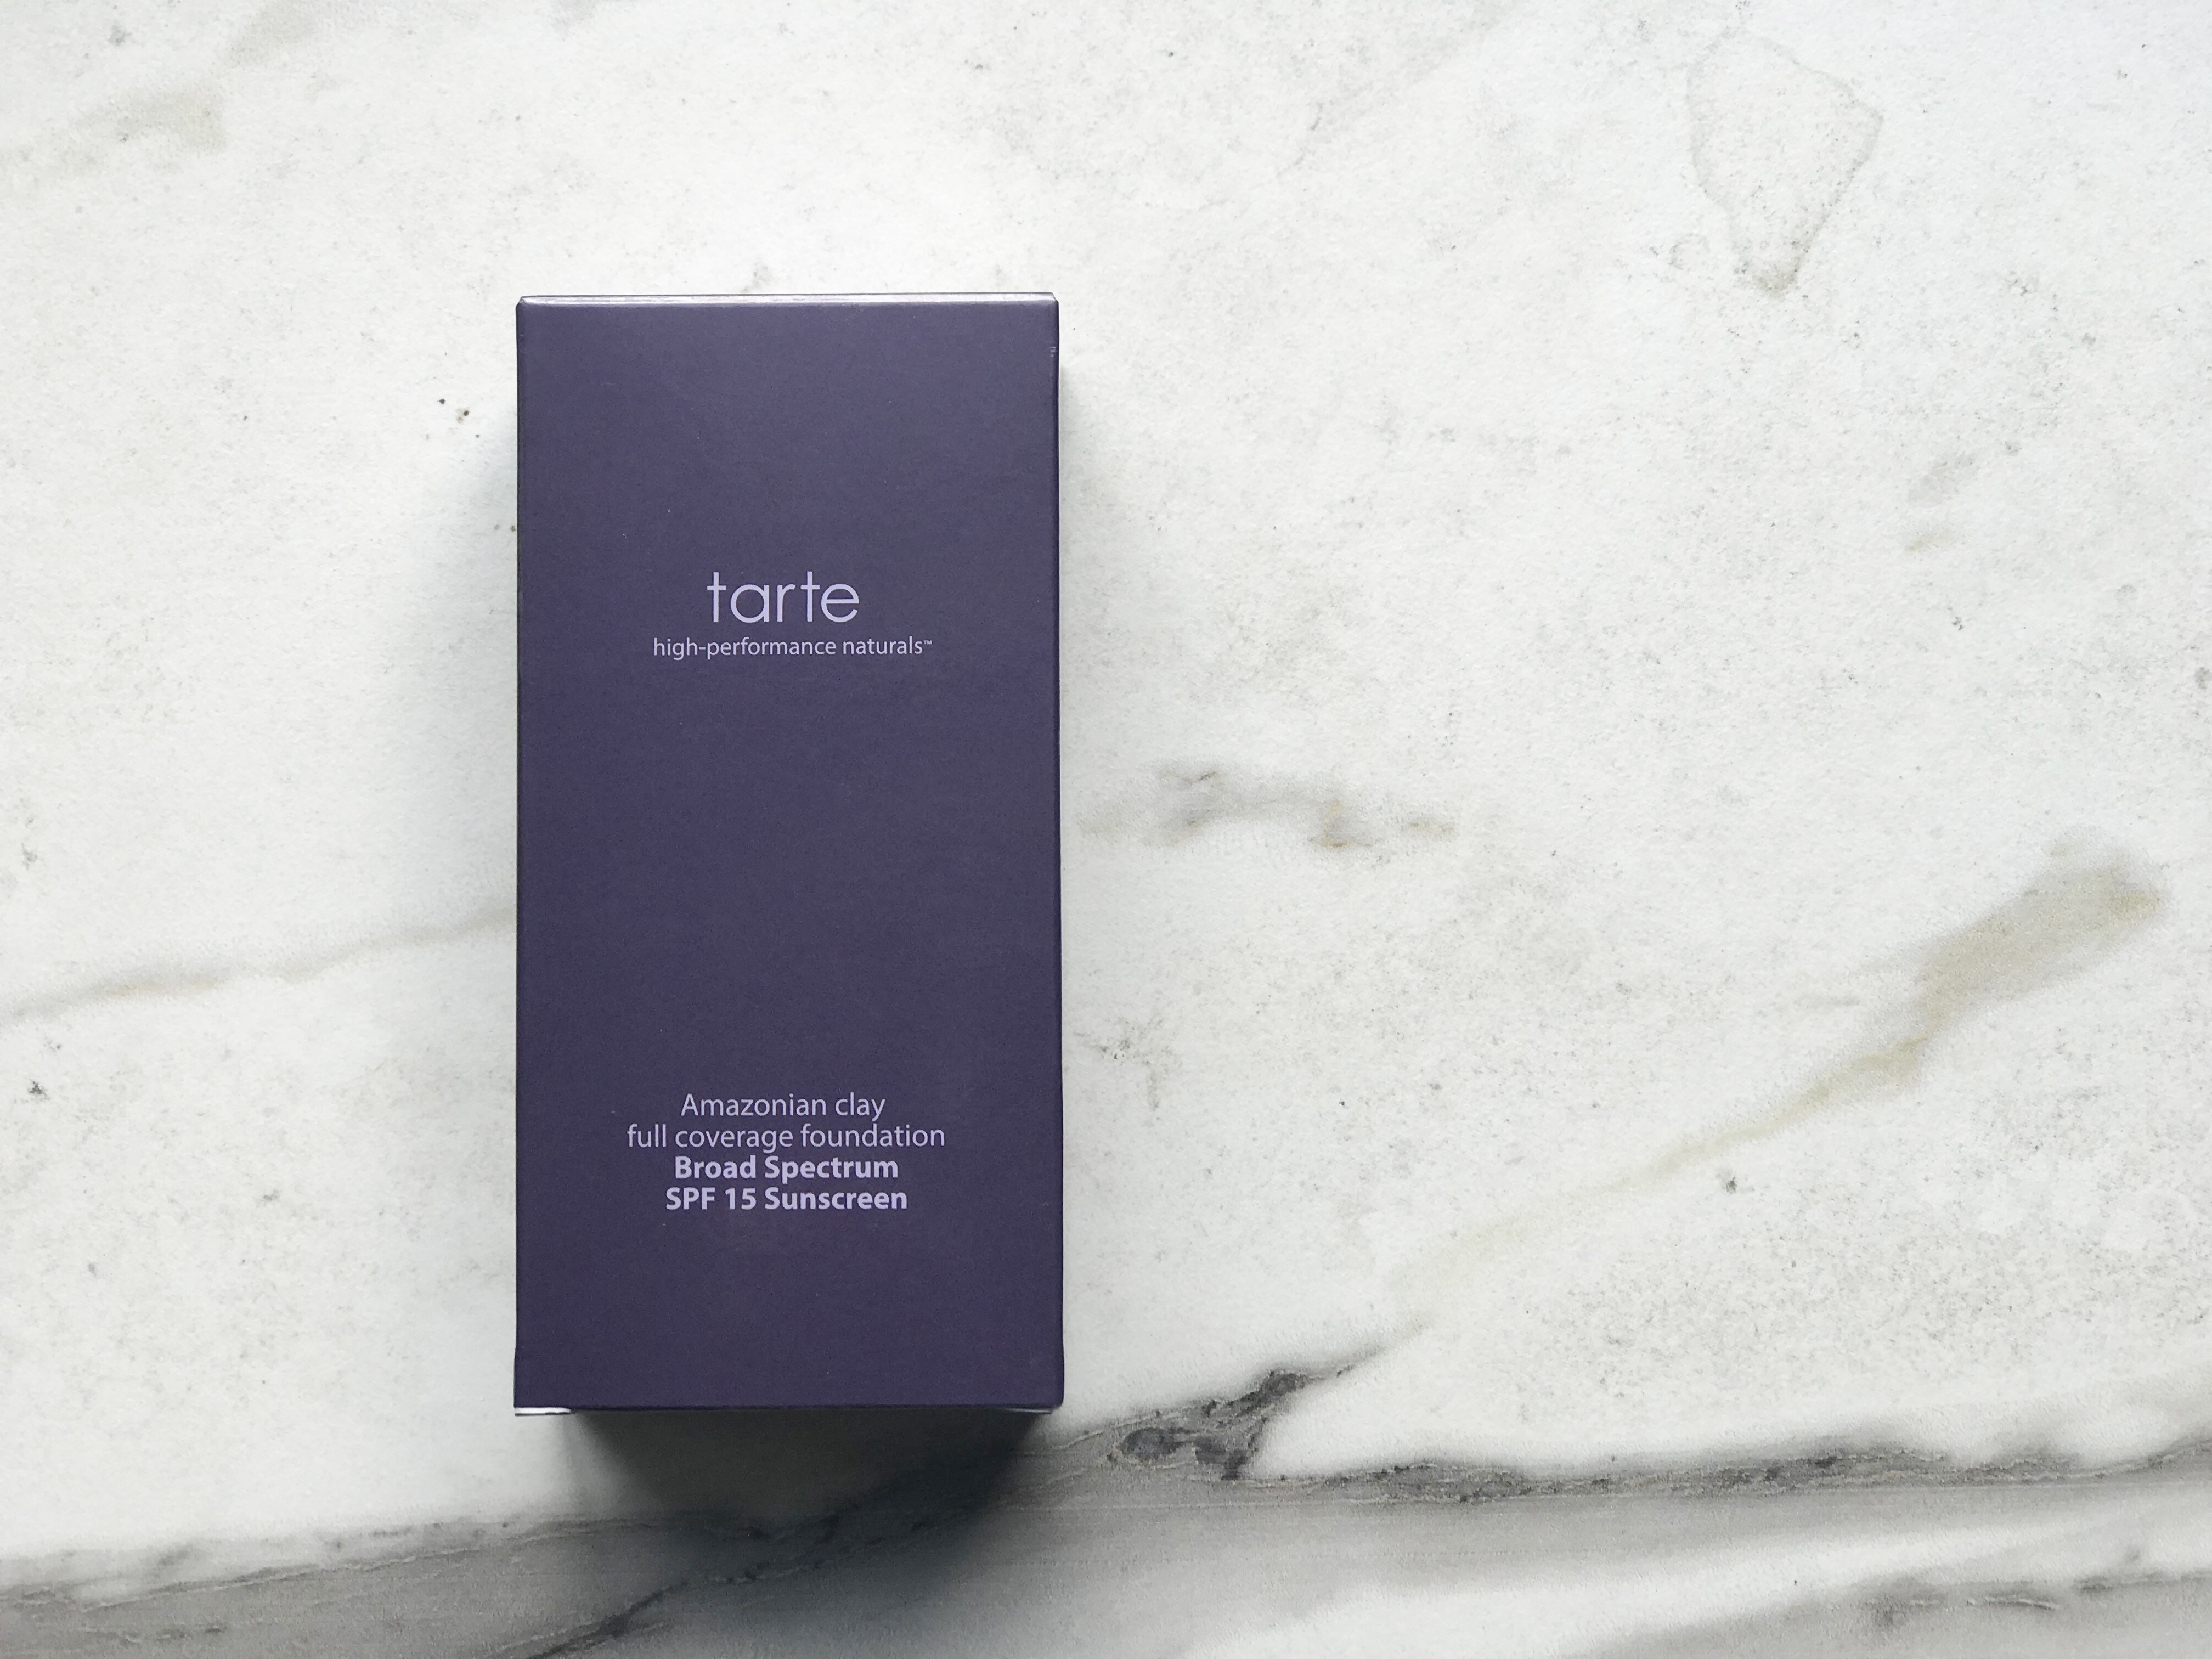 TarteF1